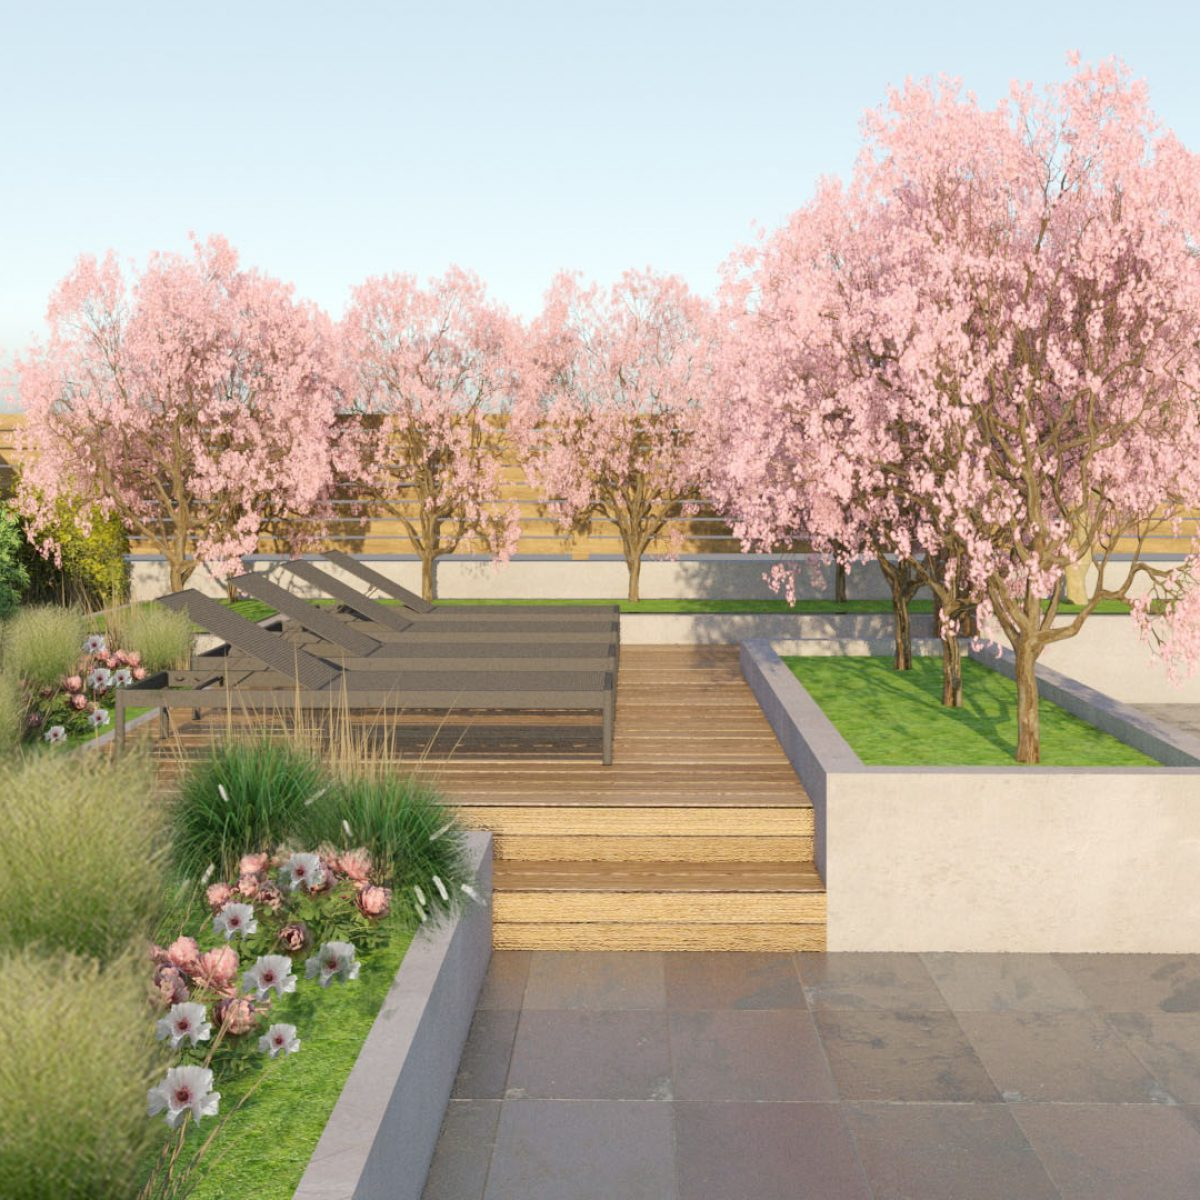 Architetto Di Giardini sdstudiotivoli - architettura, interior e garden design